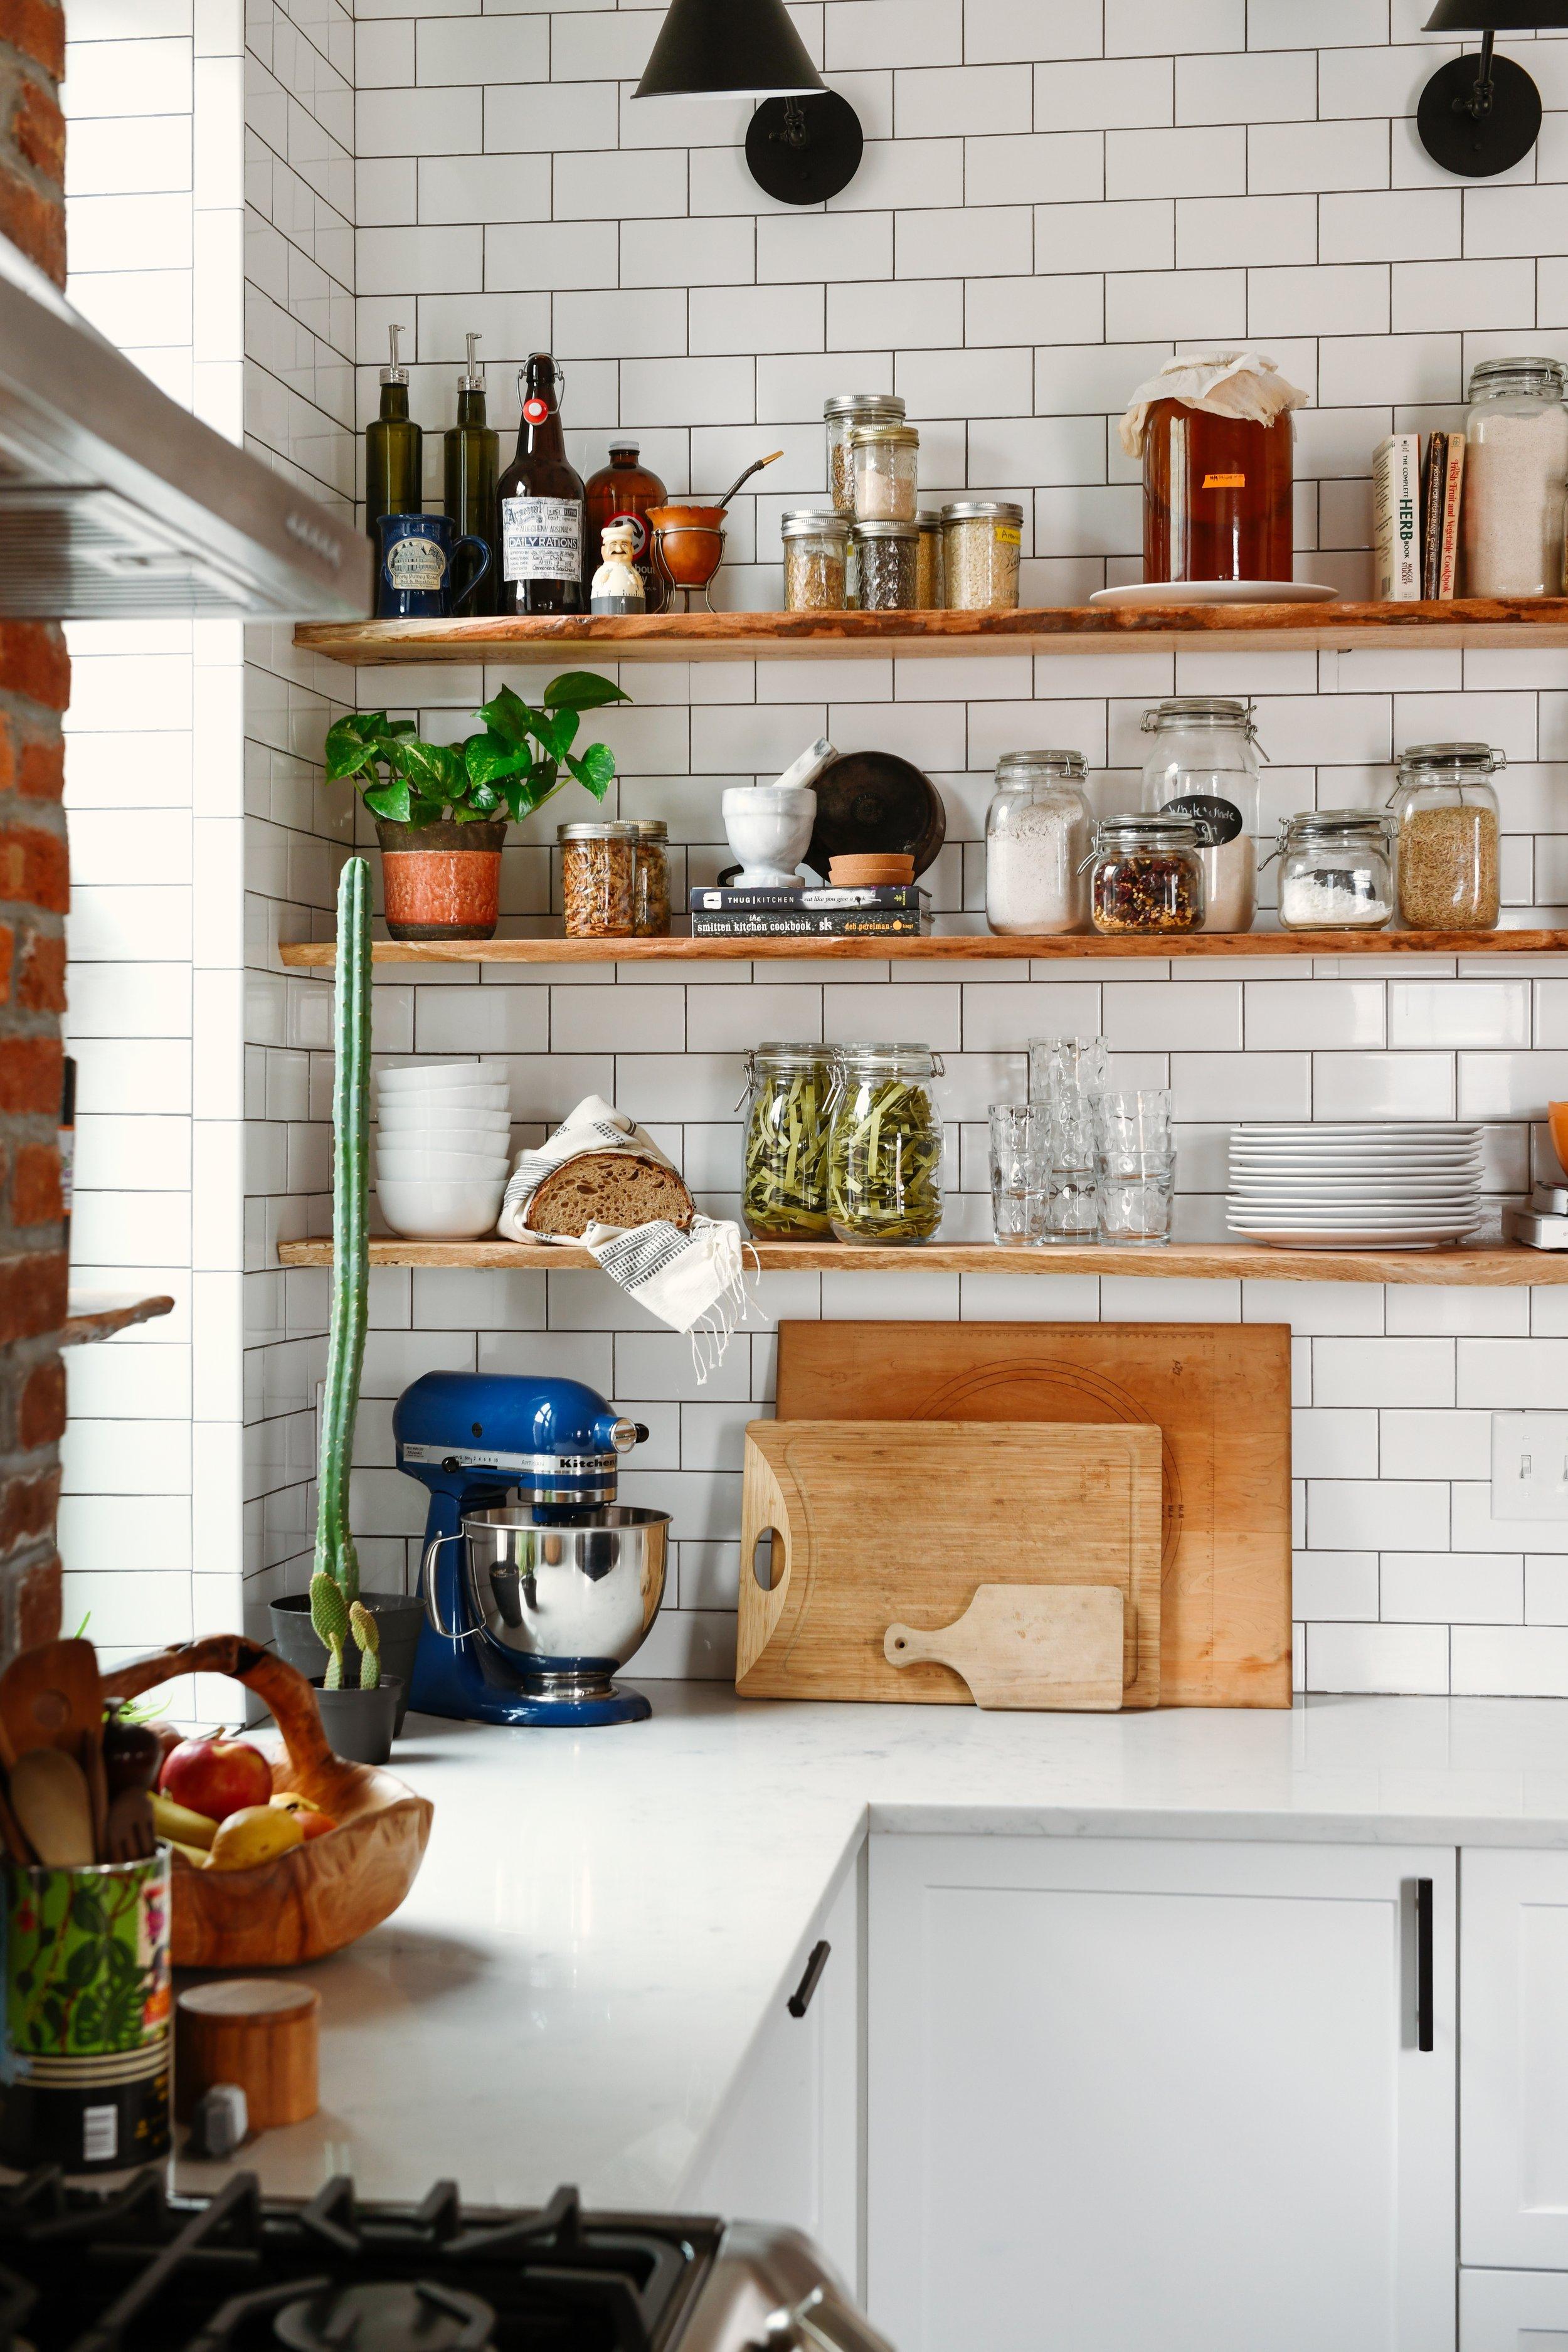 Katy Popple Design Kitchen 7.jpeg